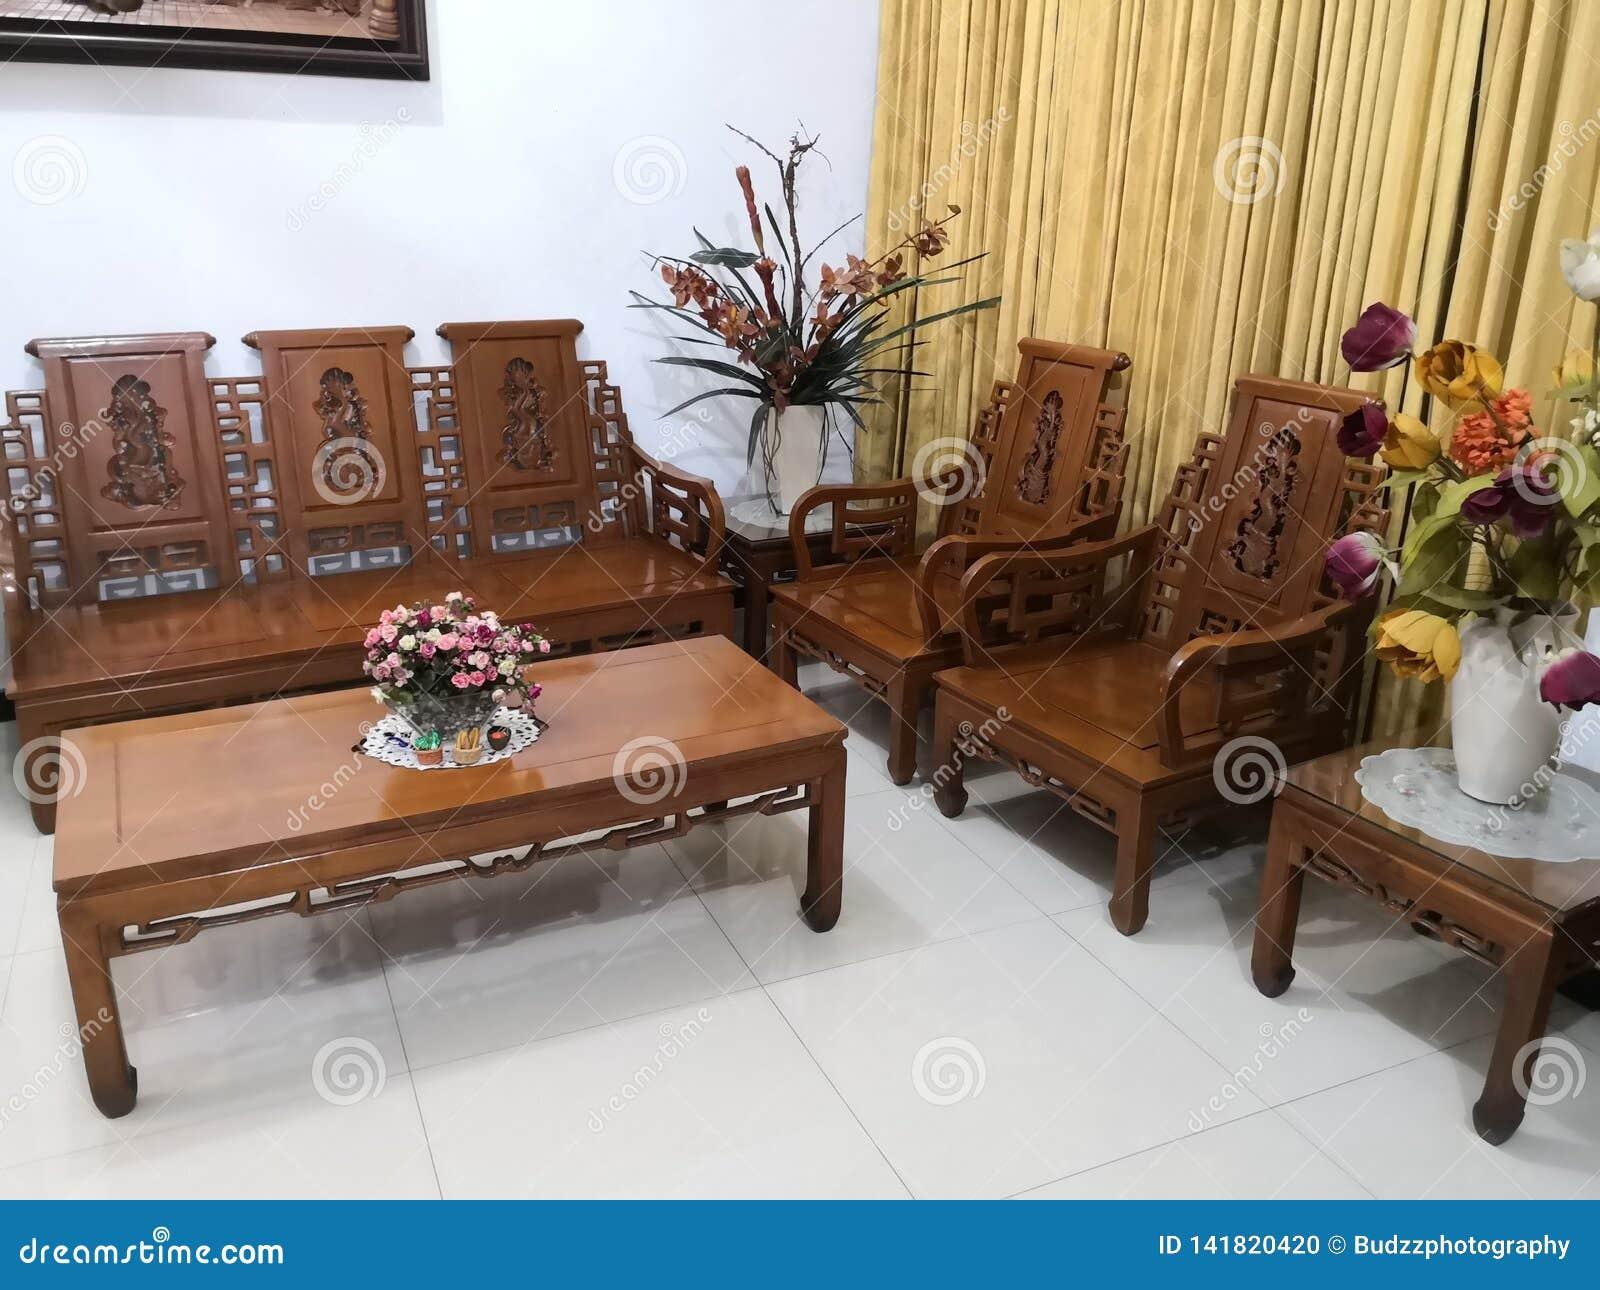 El Teakwood o el Tectona Grandis es una madera dura tropical usada para los muebles interiores de alta calidad, especialmente en